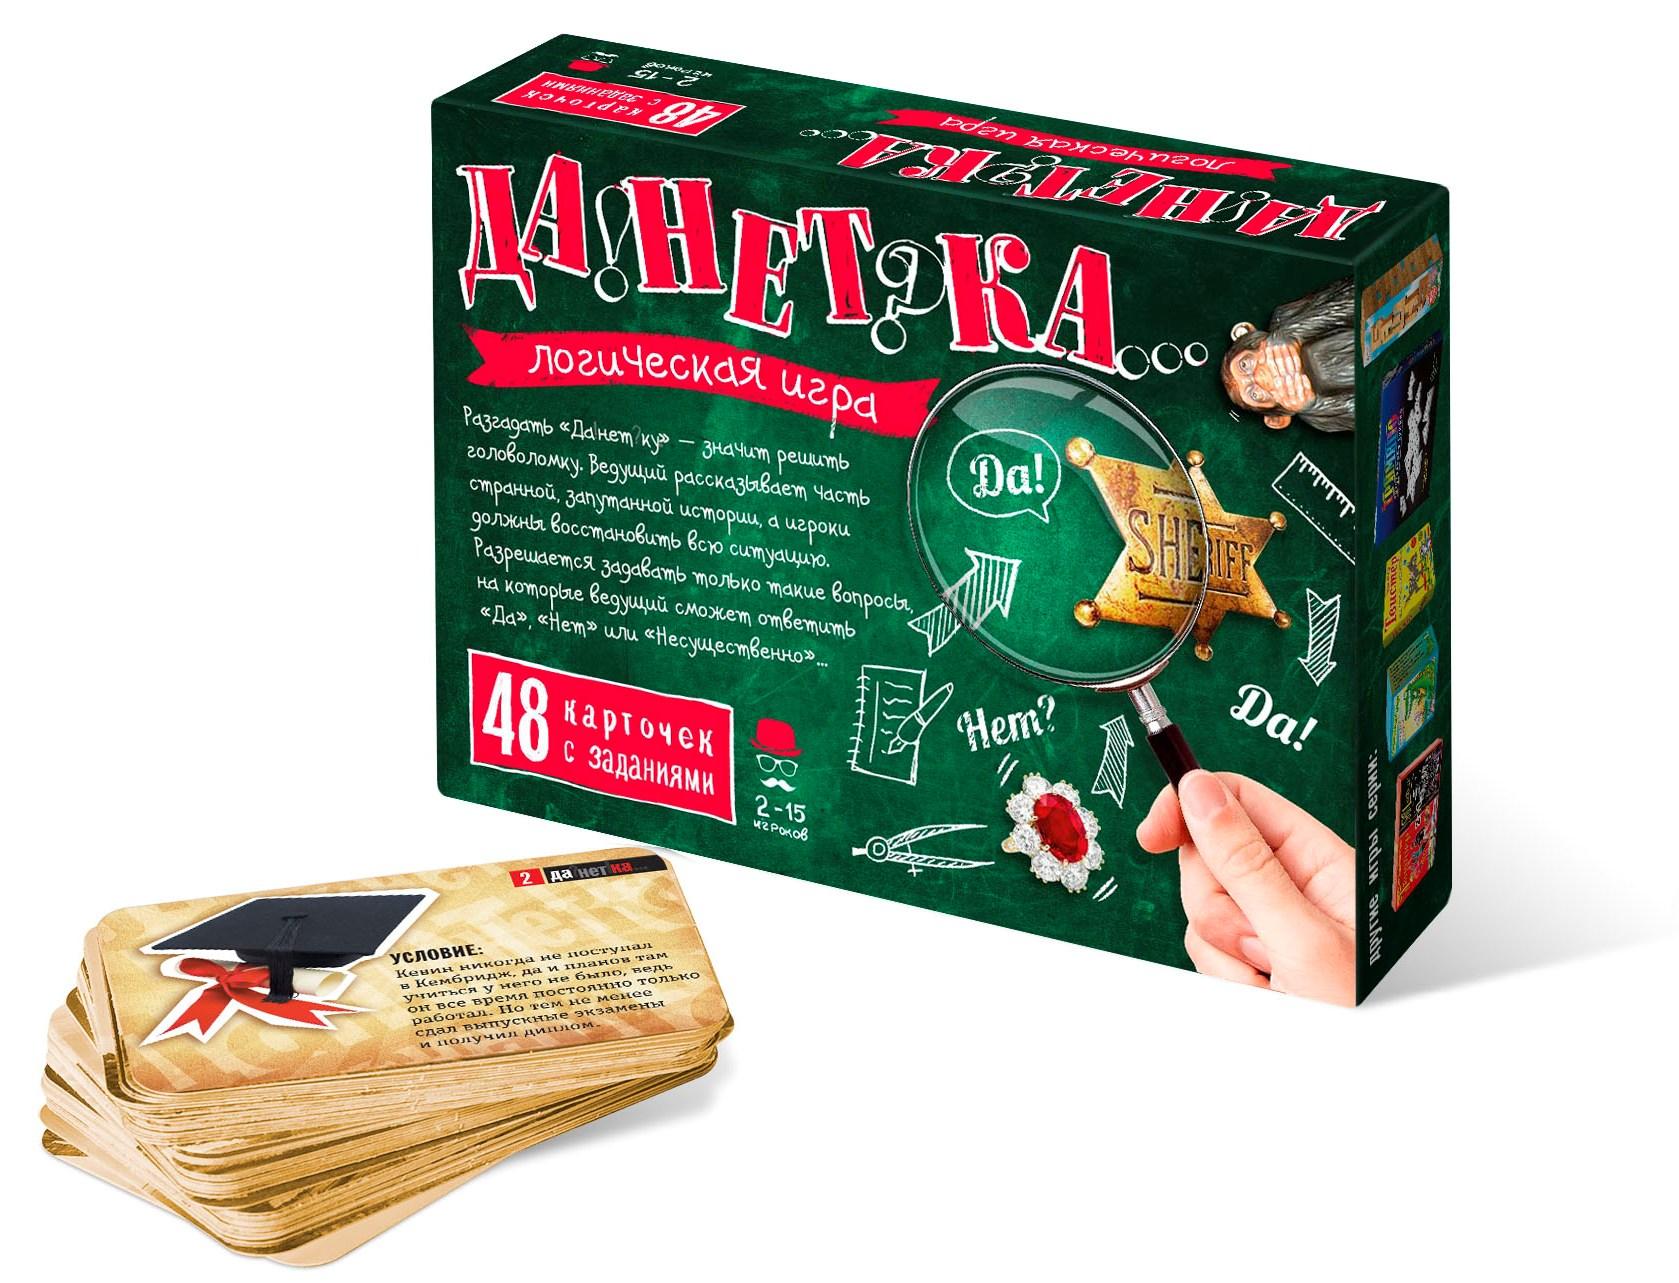 Настольная игра  - Данетка, 3-е издание от Toyway